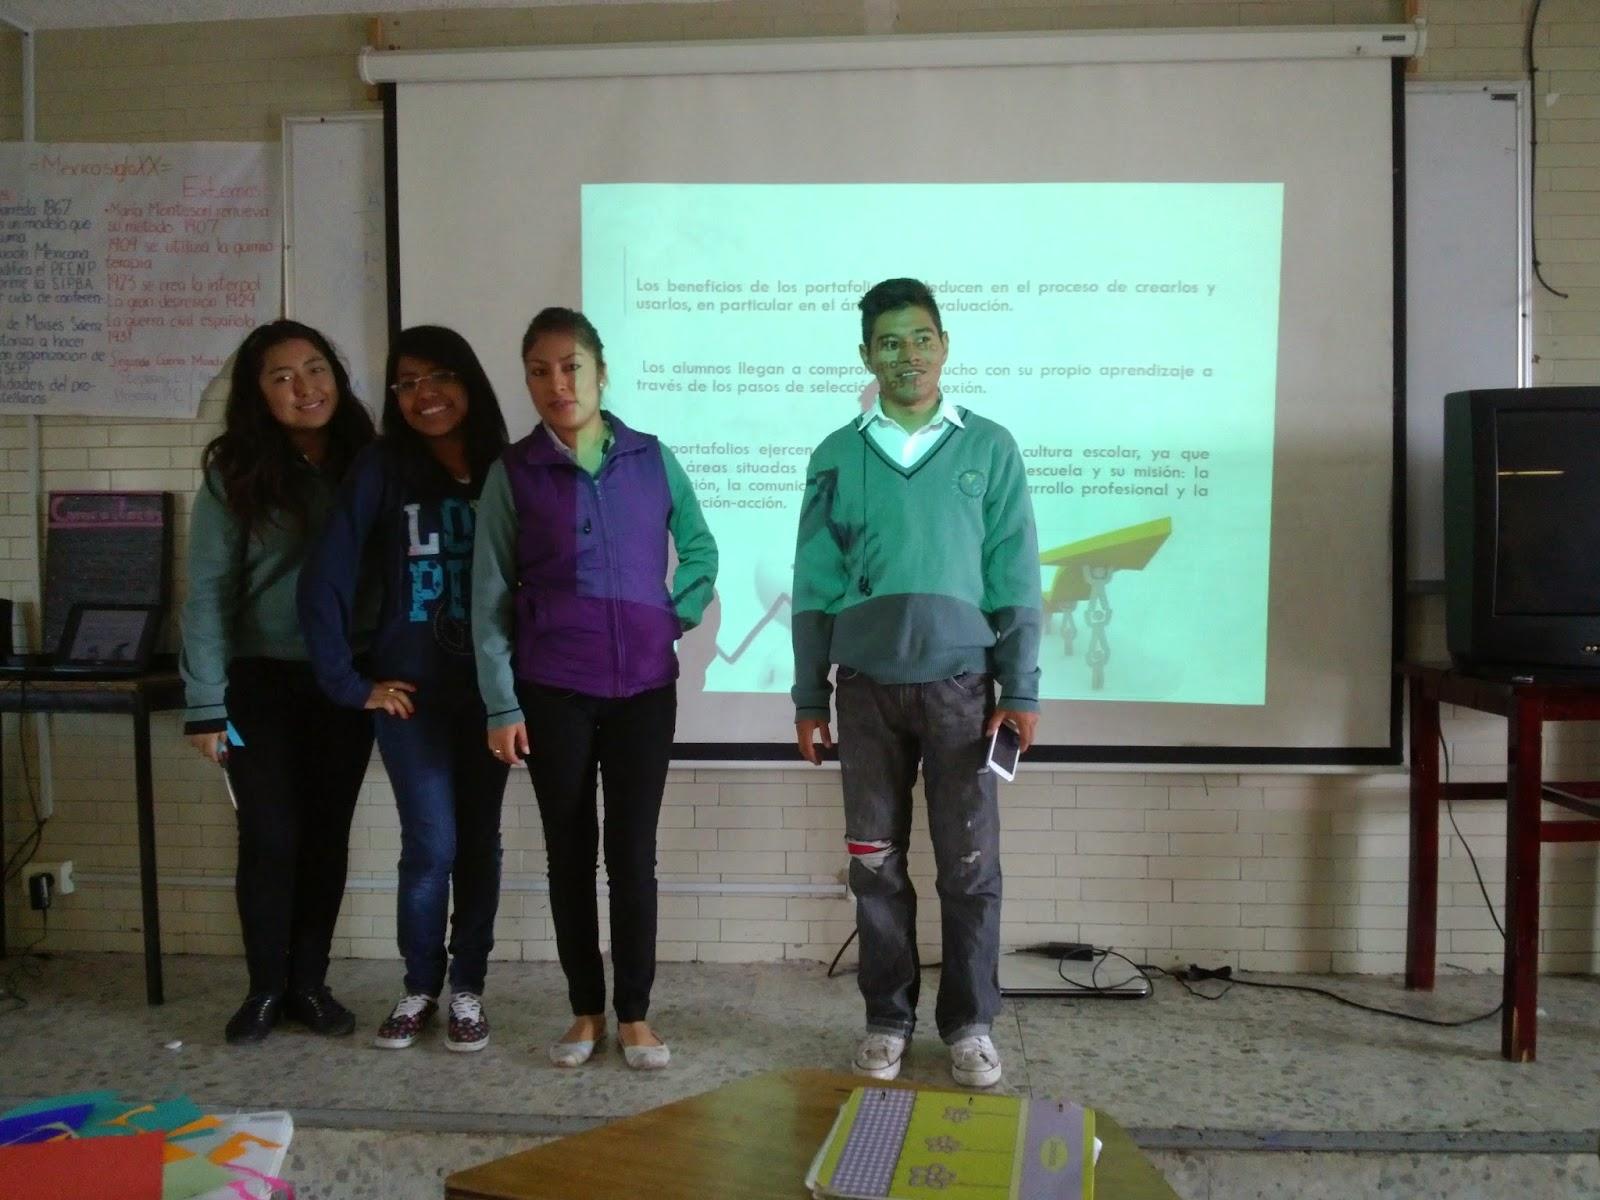 4 5 planeación de la enseñanza y evaluación del aprendizaje los mi exposición